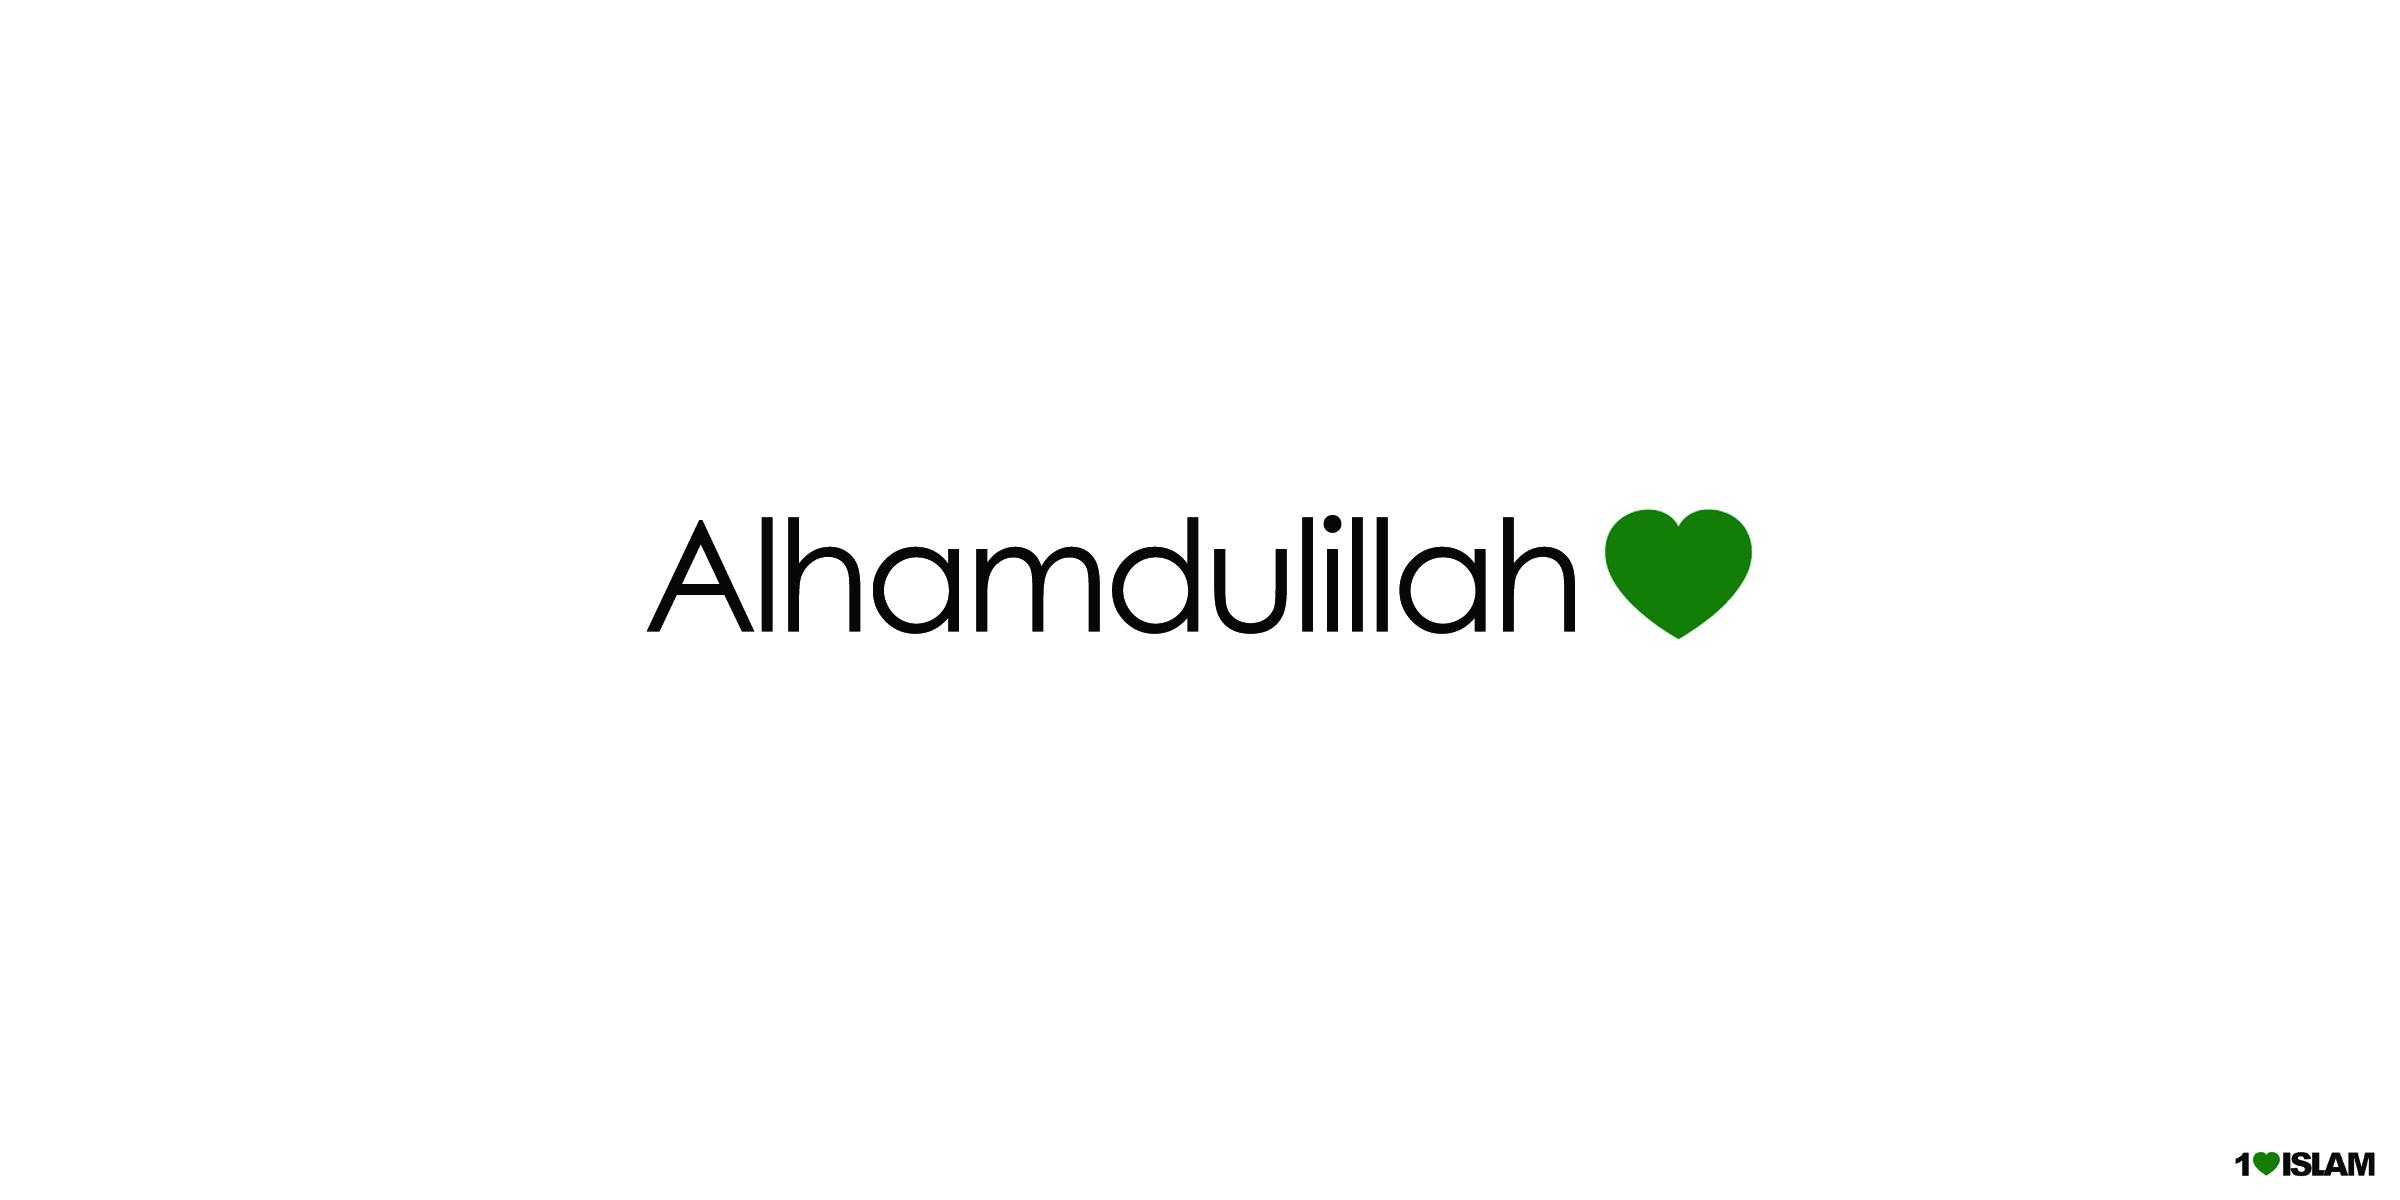 alhamd